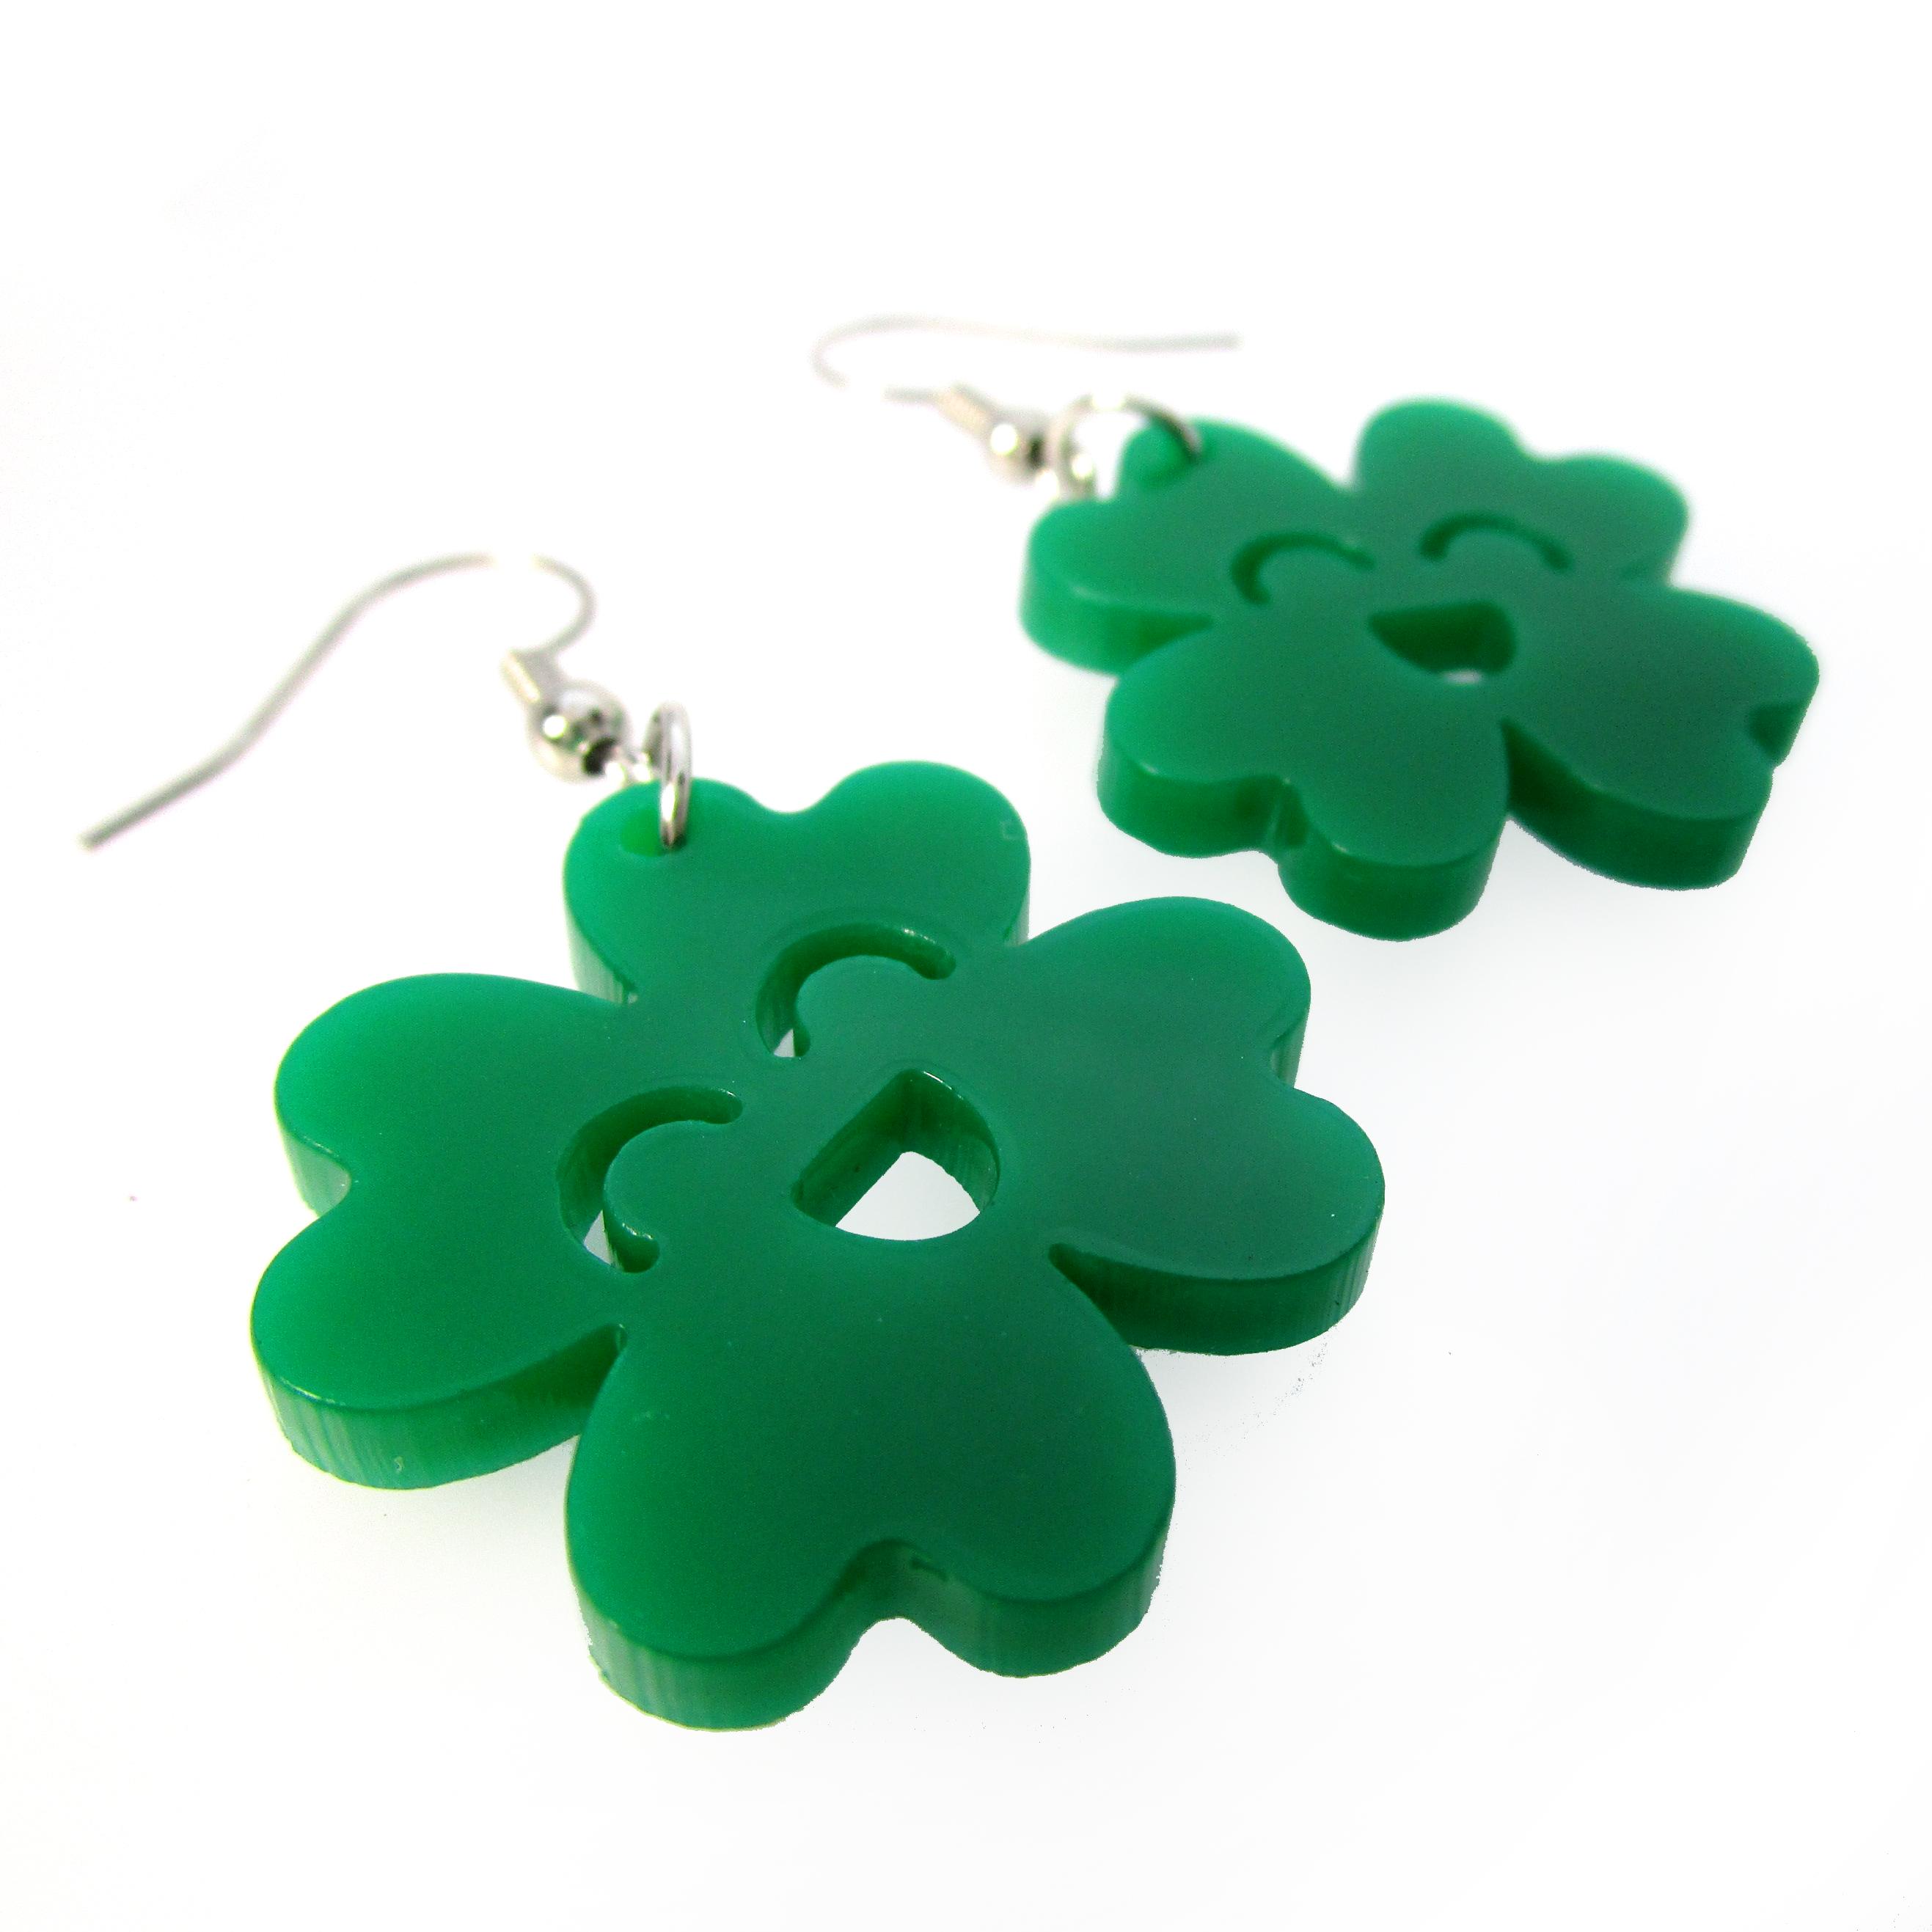 Handmade Earrings St Shamrock Wooden Earrings 4 Leaf Clover Earrings Patricks Day Tear Drop Earrings